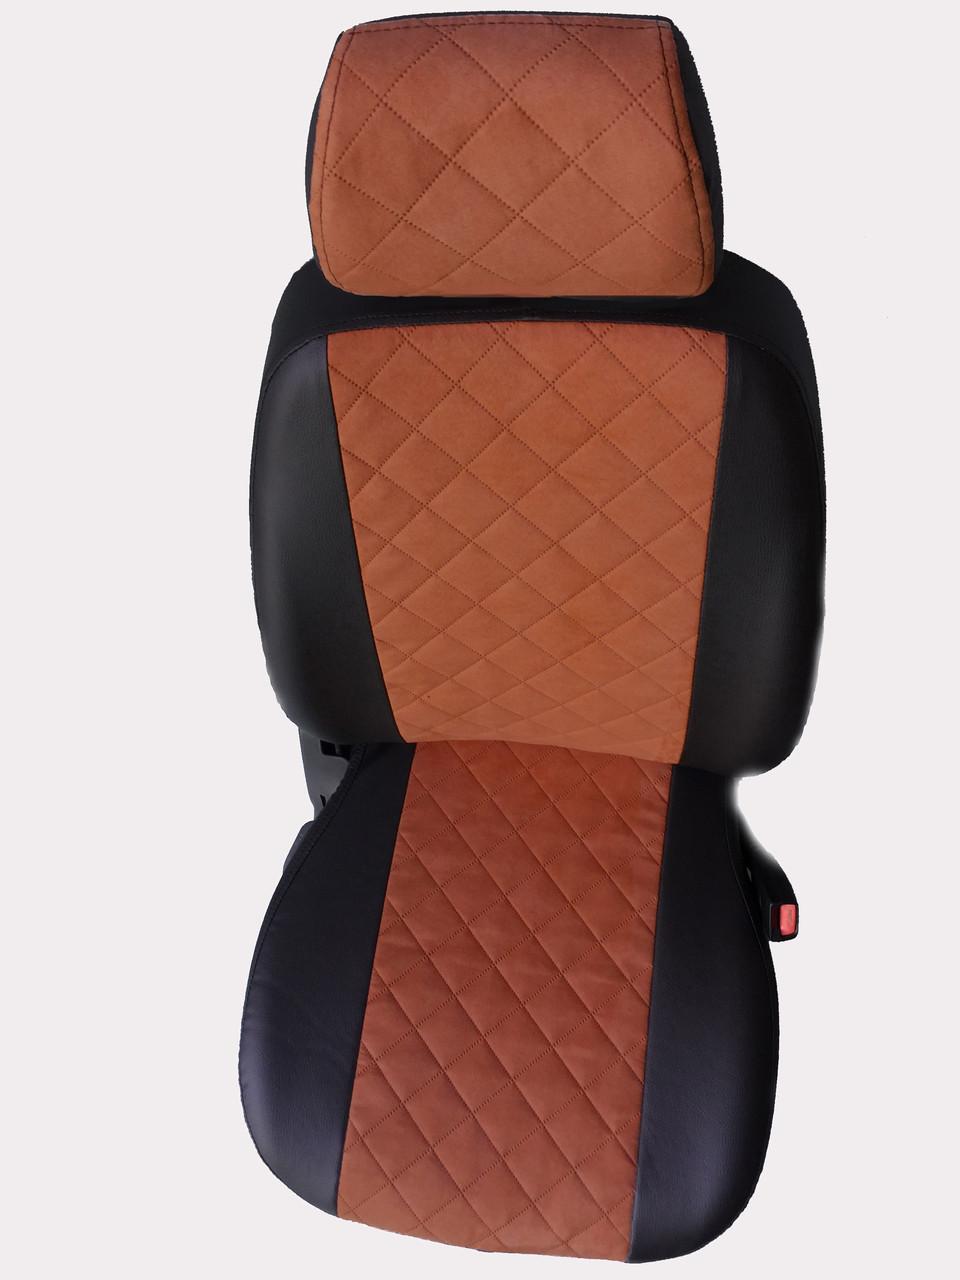 Чехлы на сиденья Ауди А4 Б5 (Audi A4 B5) (универсальные, экокожа+Алькантара, с отдельным подголовником)